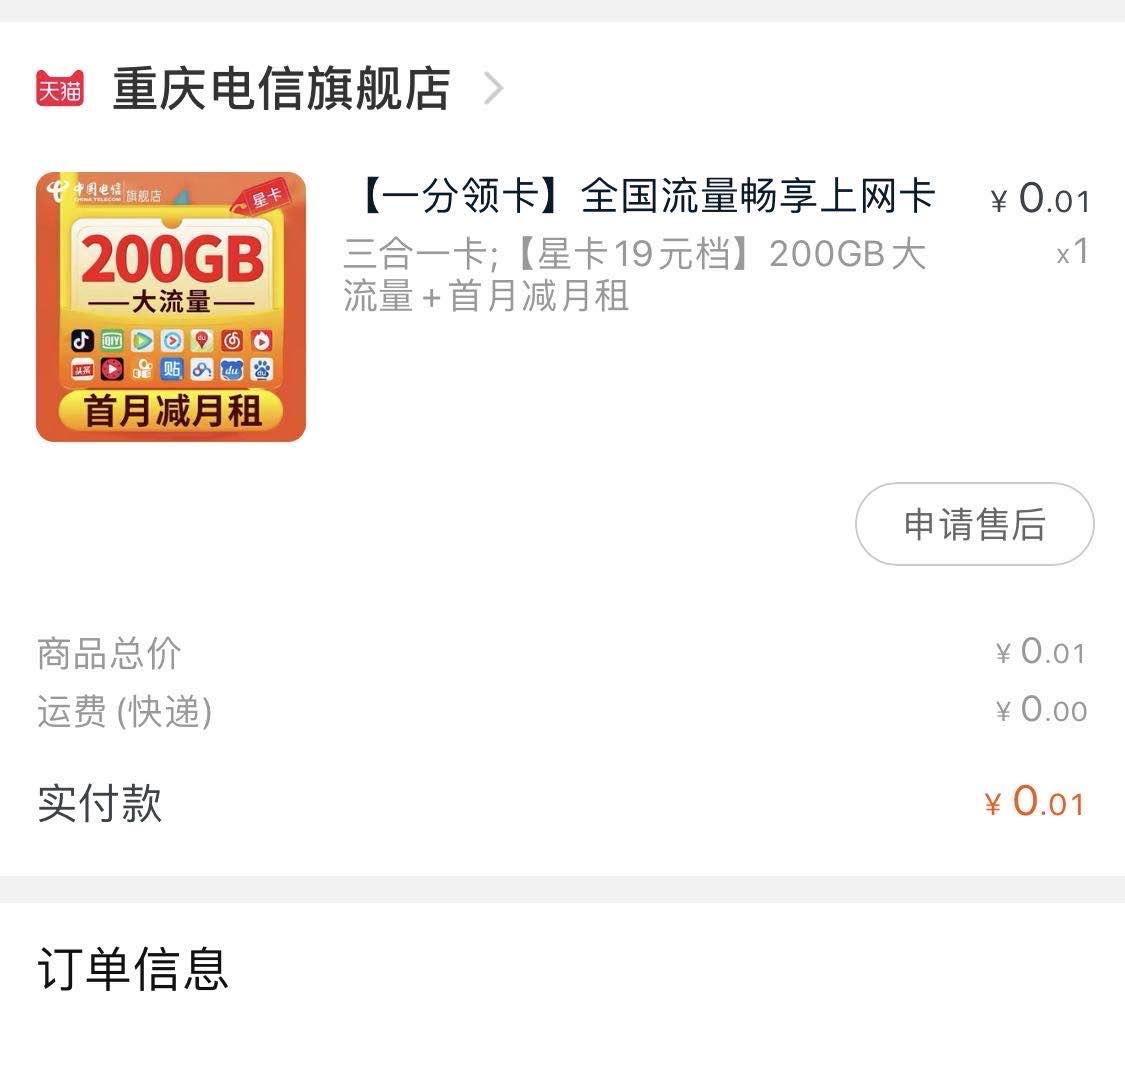 我也来分享个电信手机卡吧 19/月 5G通用 200G定向 长期套餐-图3